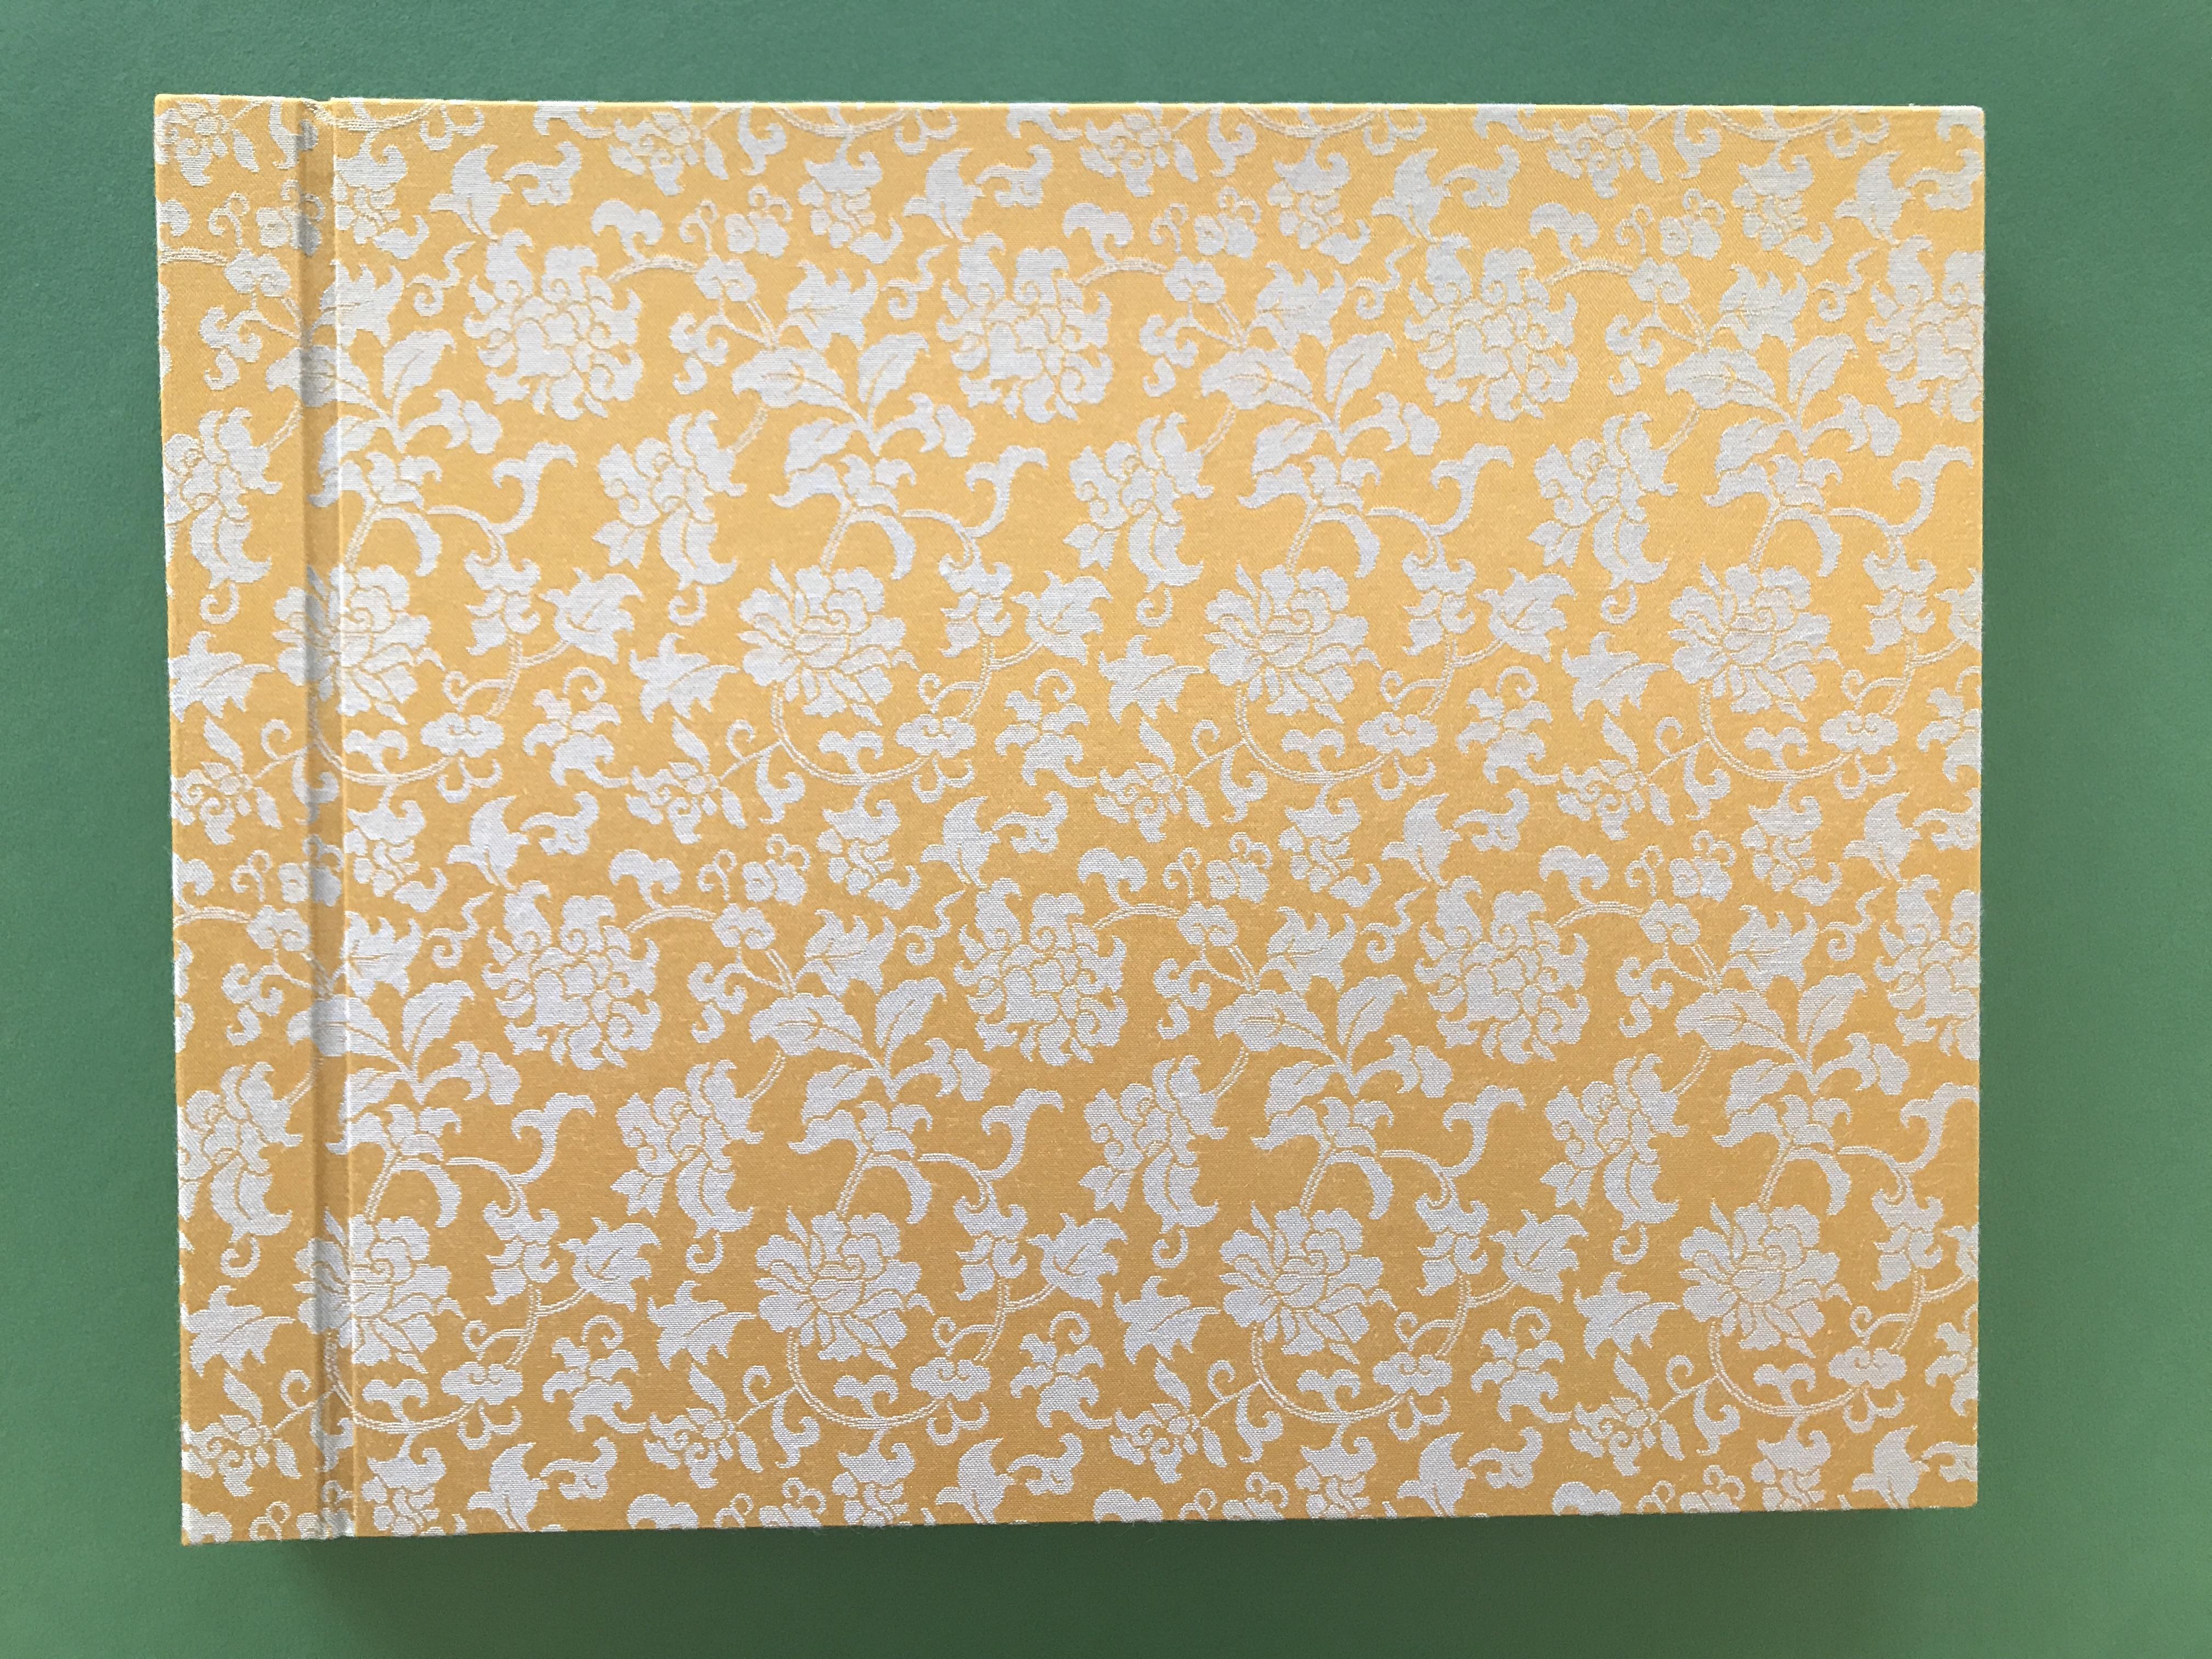 Einband des Künstlerbuches für Itha Bonitz (c) Susanne Haun